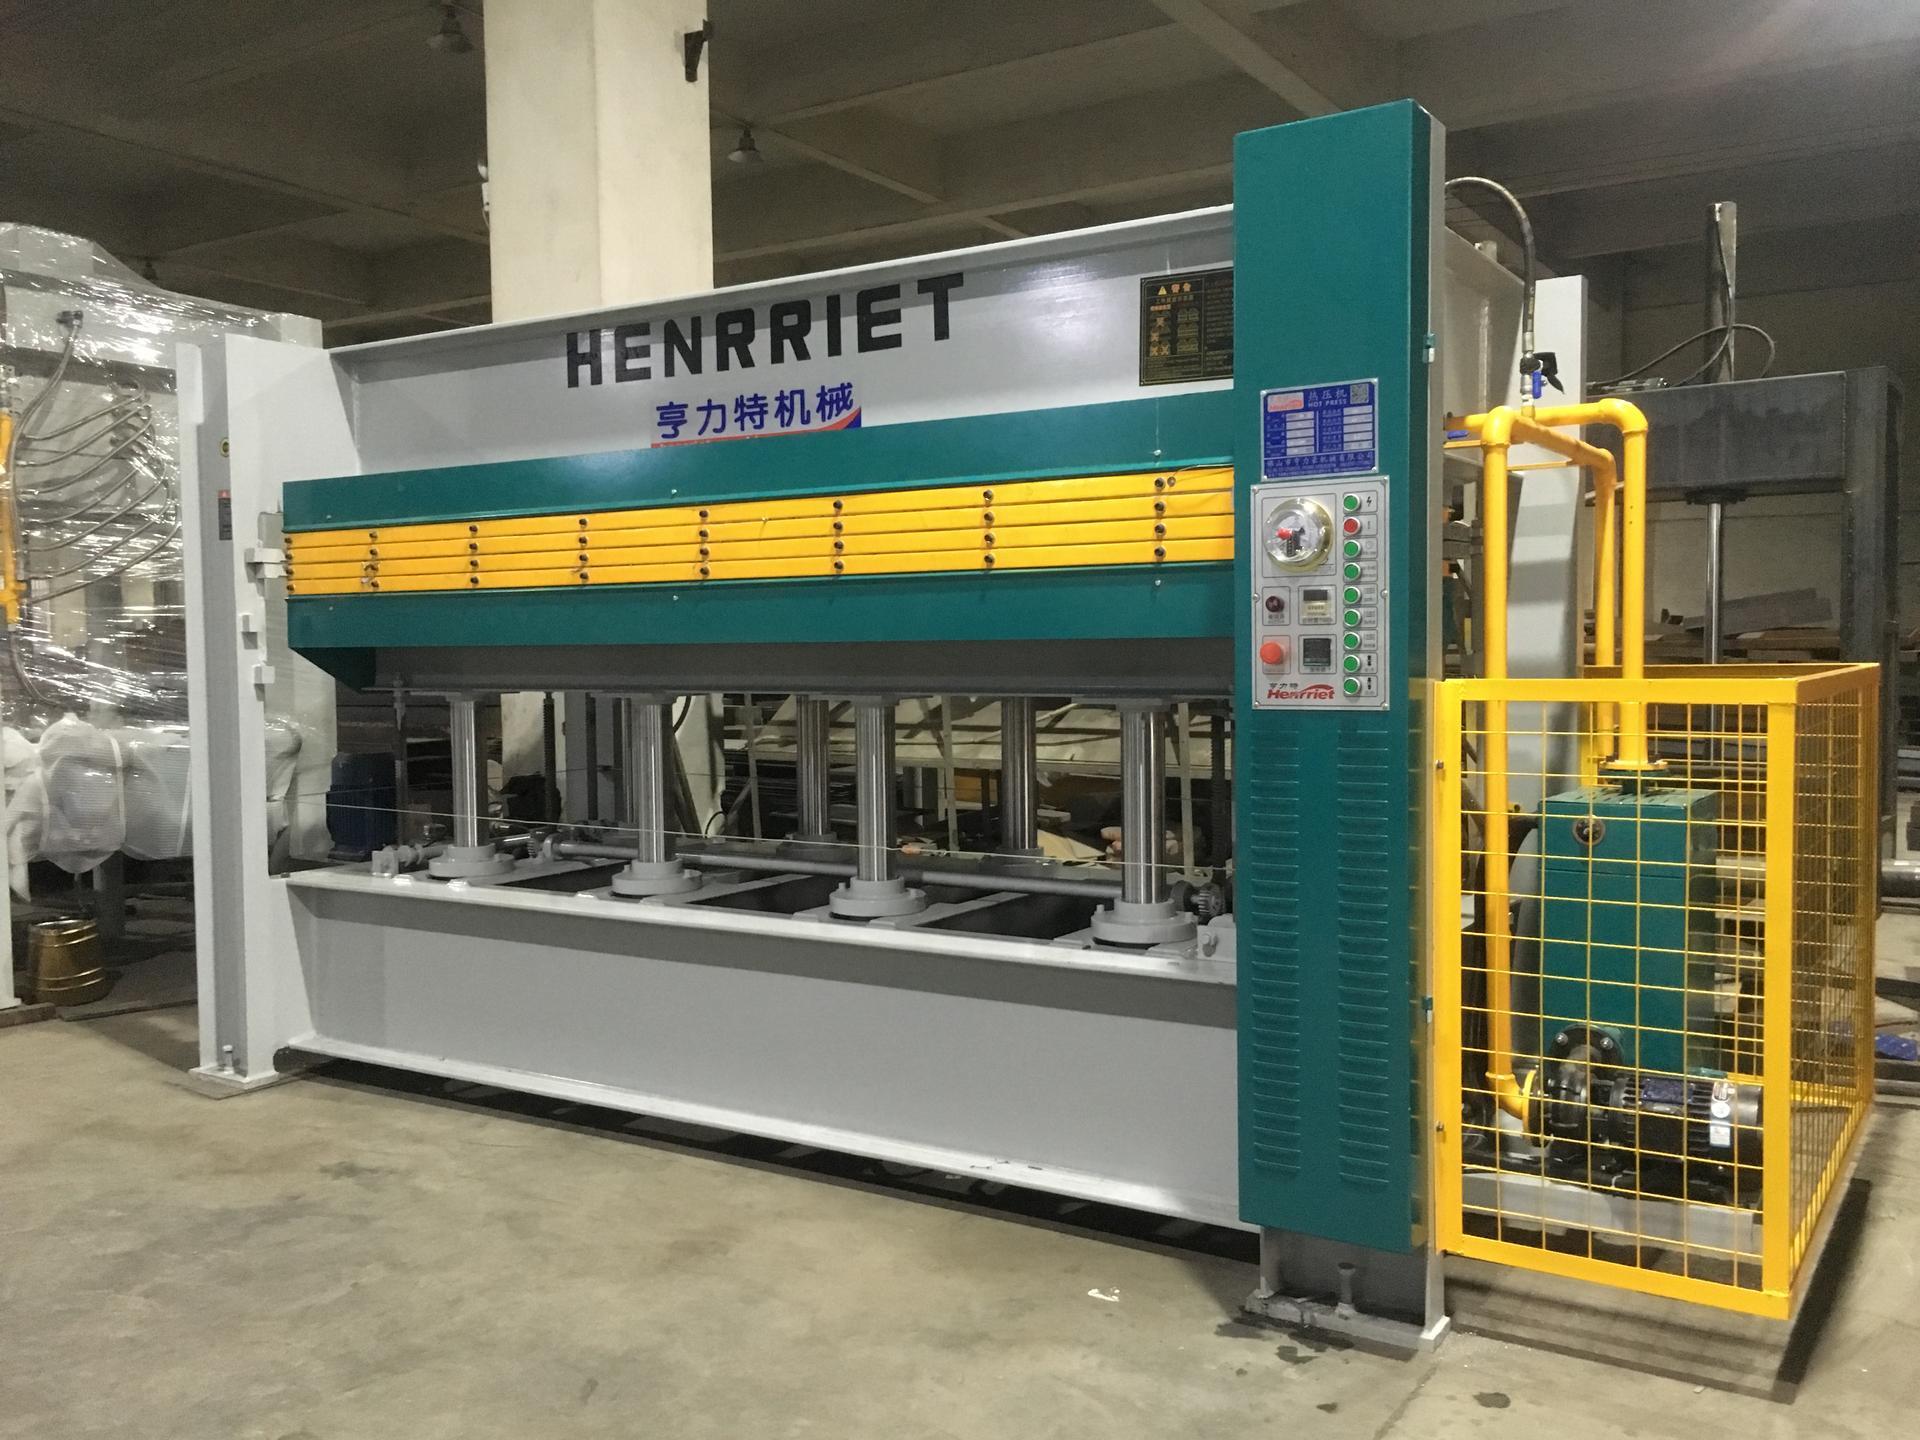 亨力特hlt3248-600t三聚氰氨貼面熱壓機,木工家具貼面熱壓機,生態板貼面熱壓機,尺寸非標可以定制示例圖25